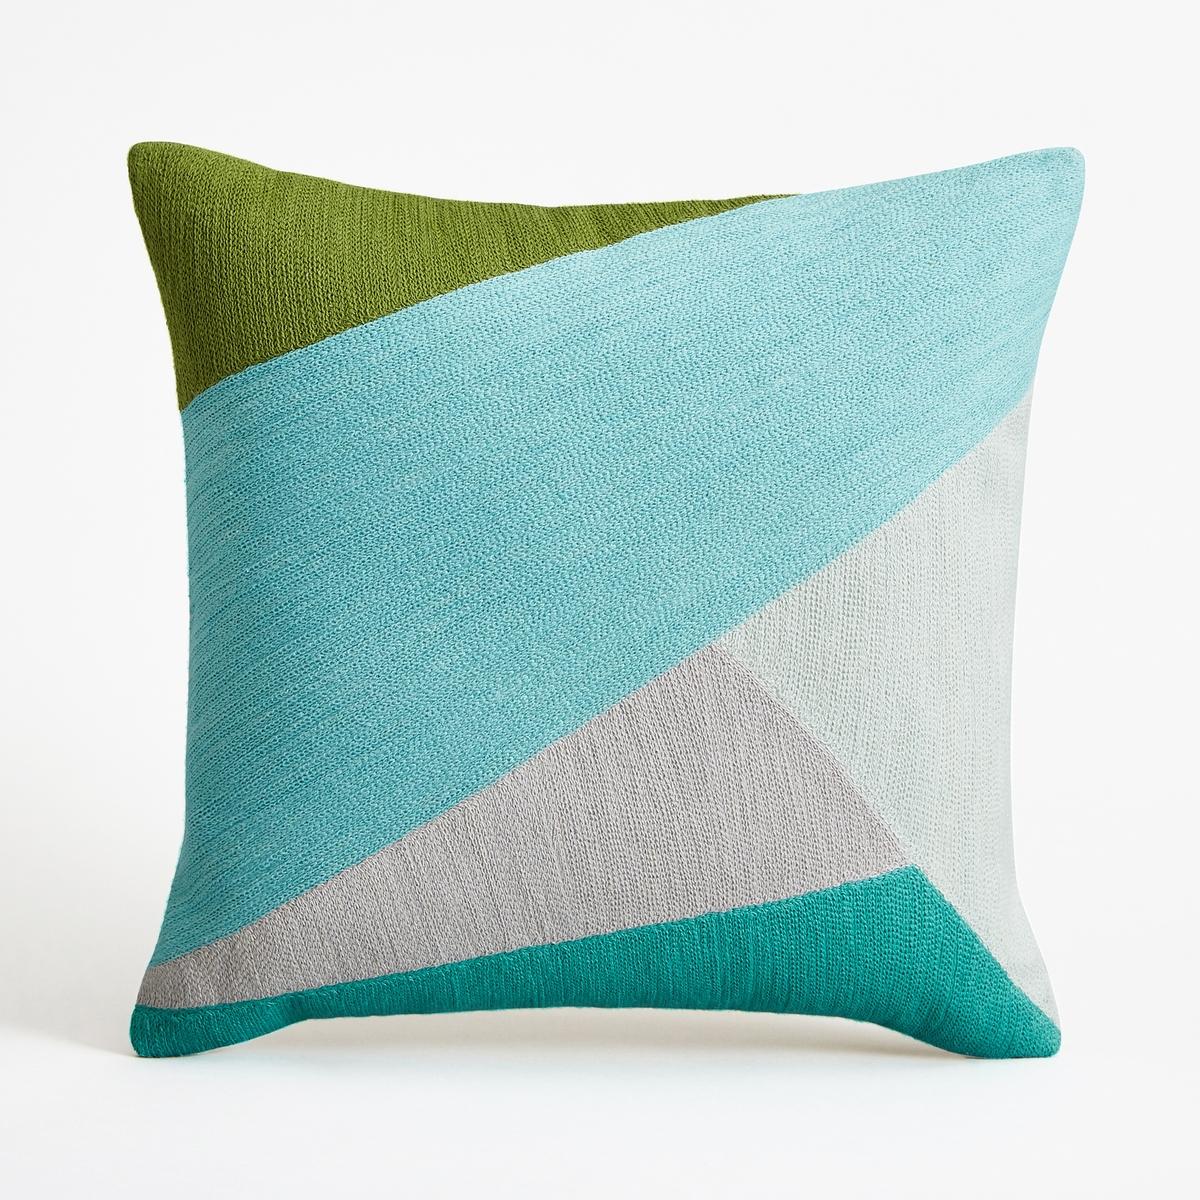 Наволочка на подушку-валик SaddlerНаволочка на подушку-валик Saddler. Вышитый графический рисунок синего, зеленого и серого цветов в виде лоскутов ткани. Однотонная оборотная сторона естественного цвета. Из 100% хлопка, на подкладке. Застежка на молнию наверху. Размеры : 40 x 40 см. Подушка продается отдельно.<br><br>Цвет: бирюзовый<br>Размер: 40 x 40  см